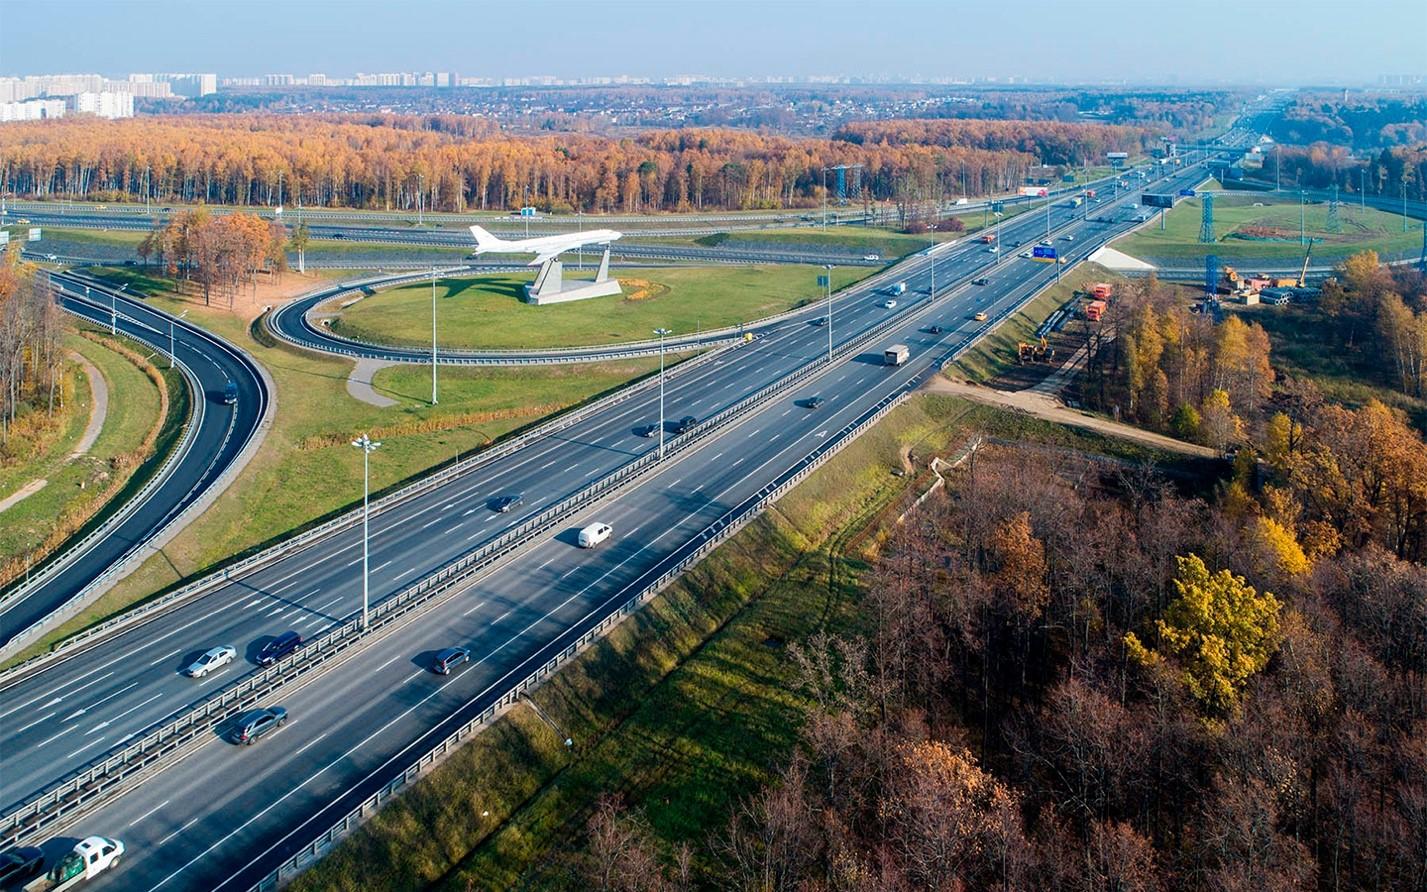 150 км в час и много заправок, в России сильно изменятся трассы